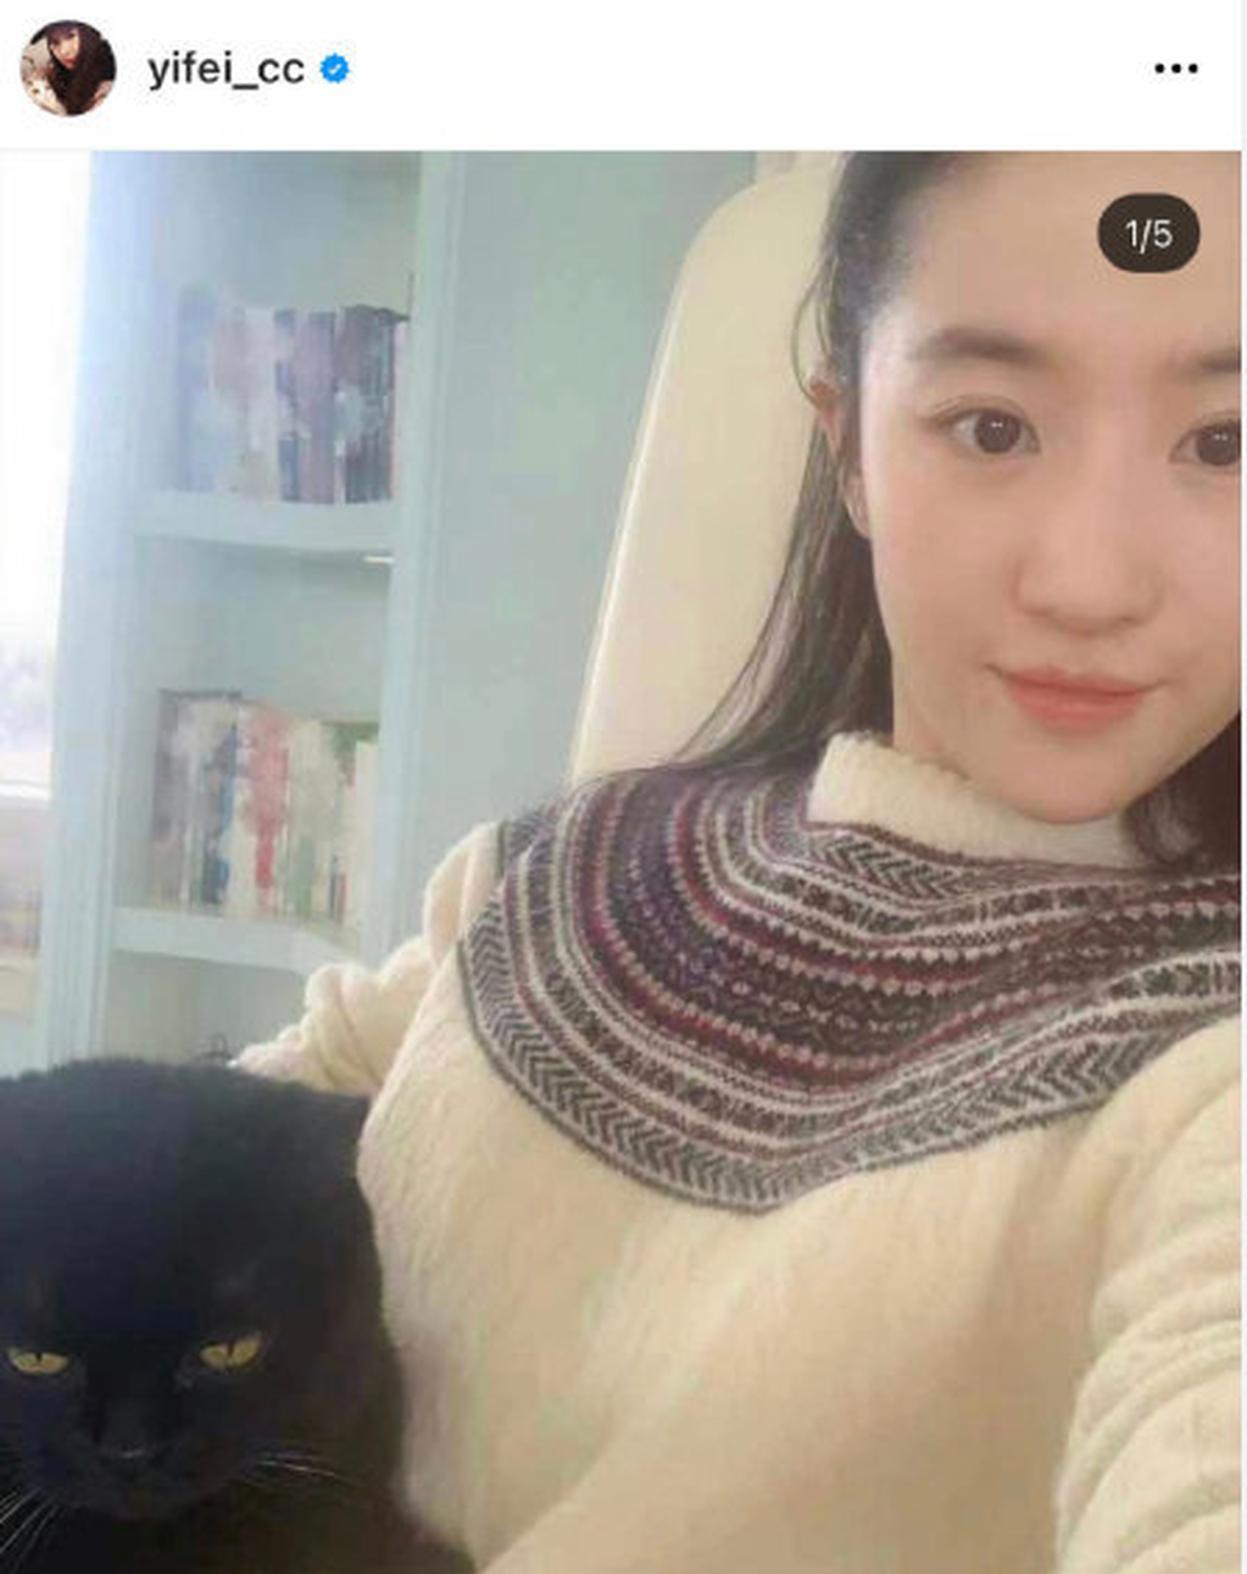 刘与爱猫自拍外观皮肤状况良好